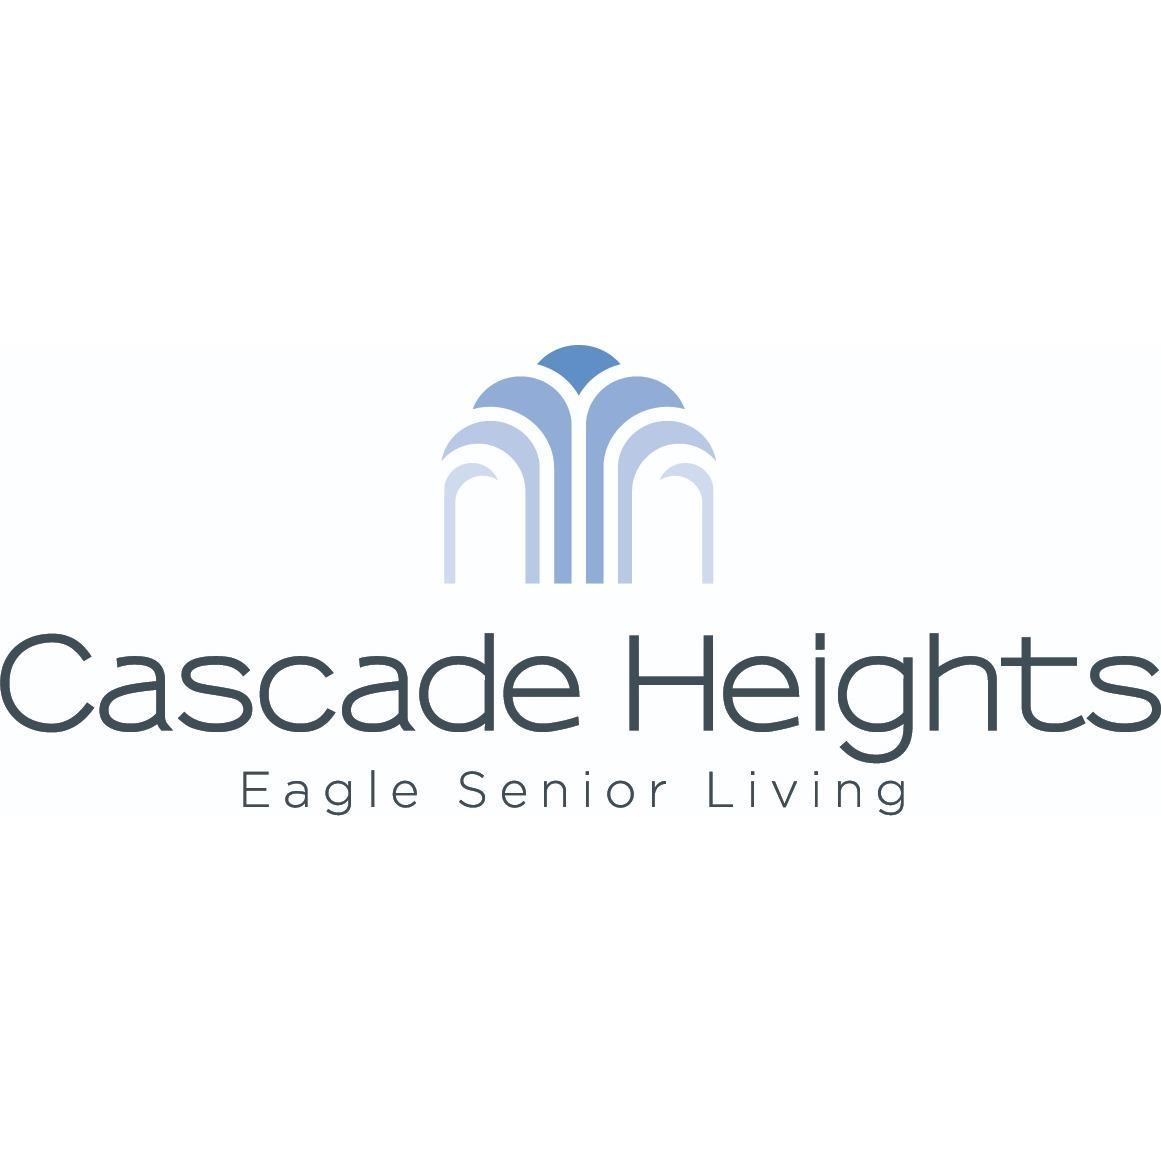 Cascade Heights